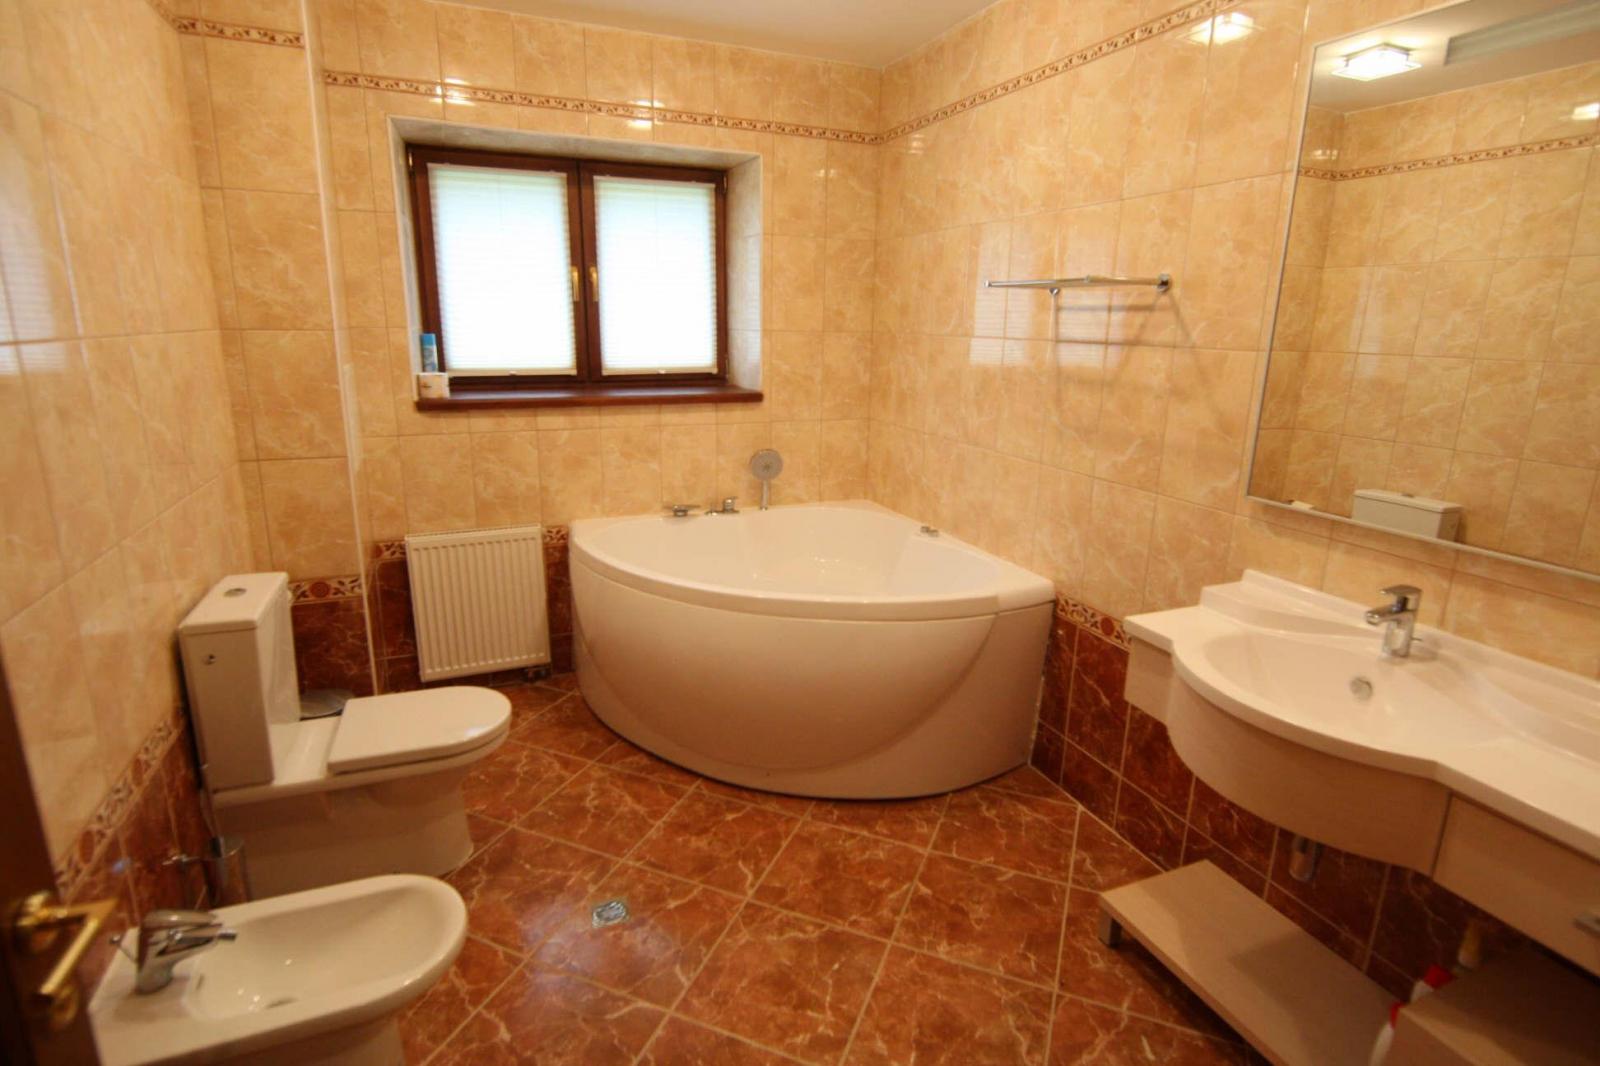 Ванные комнаты в коттеджах дизайн